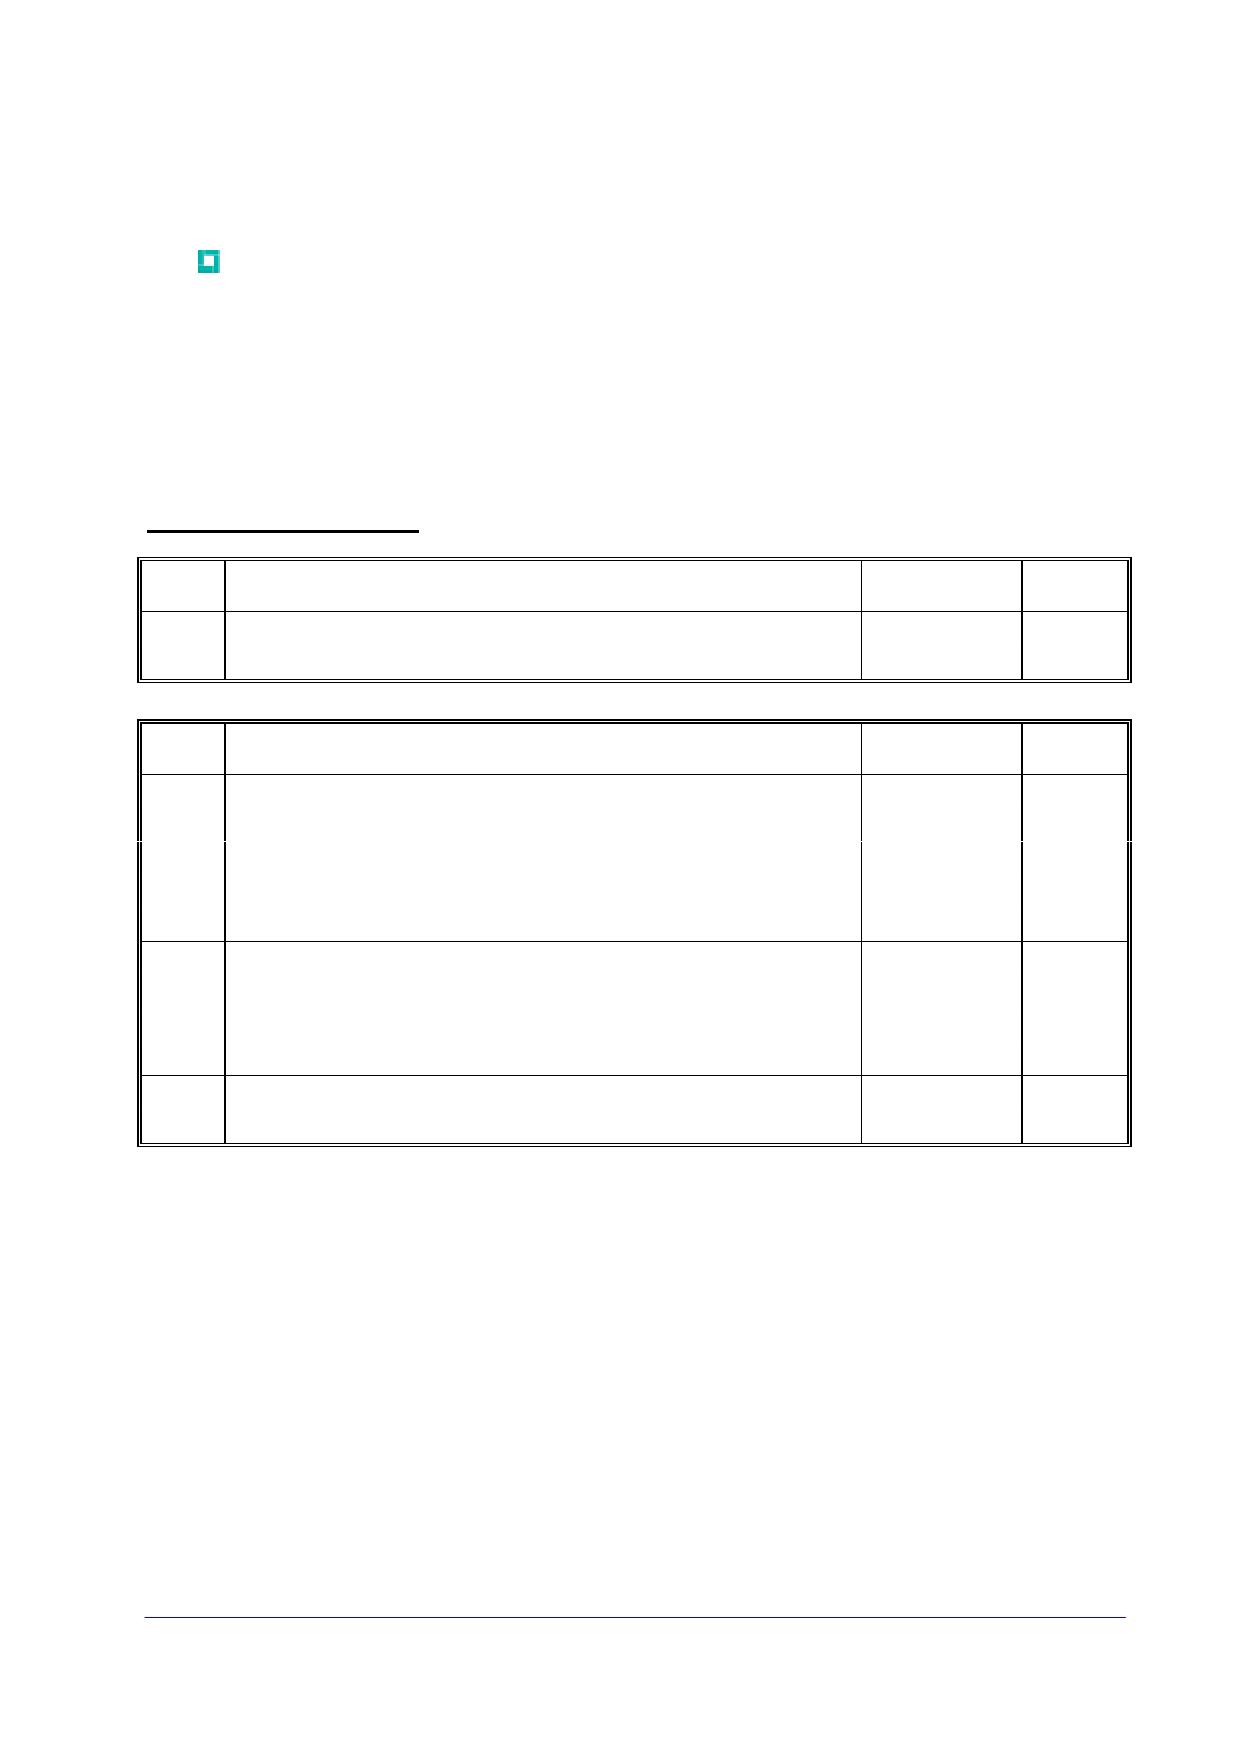 M0790YC200 دیتاشیت PDF